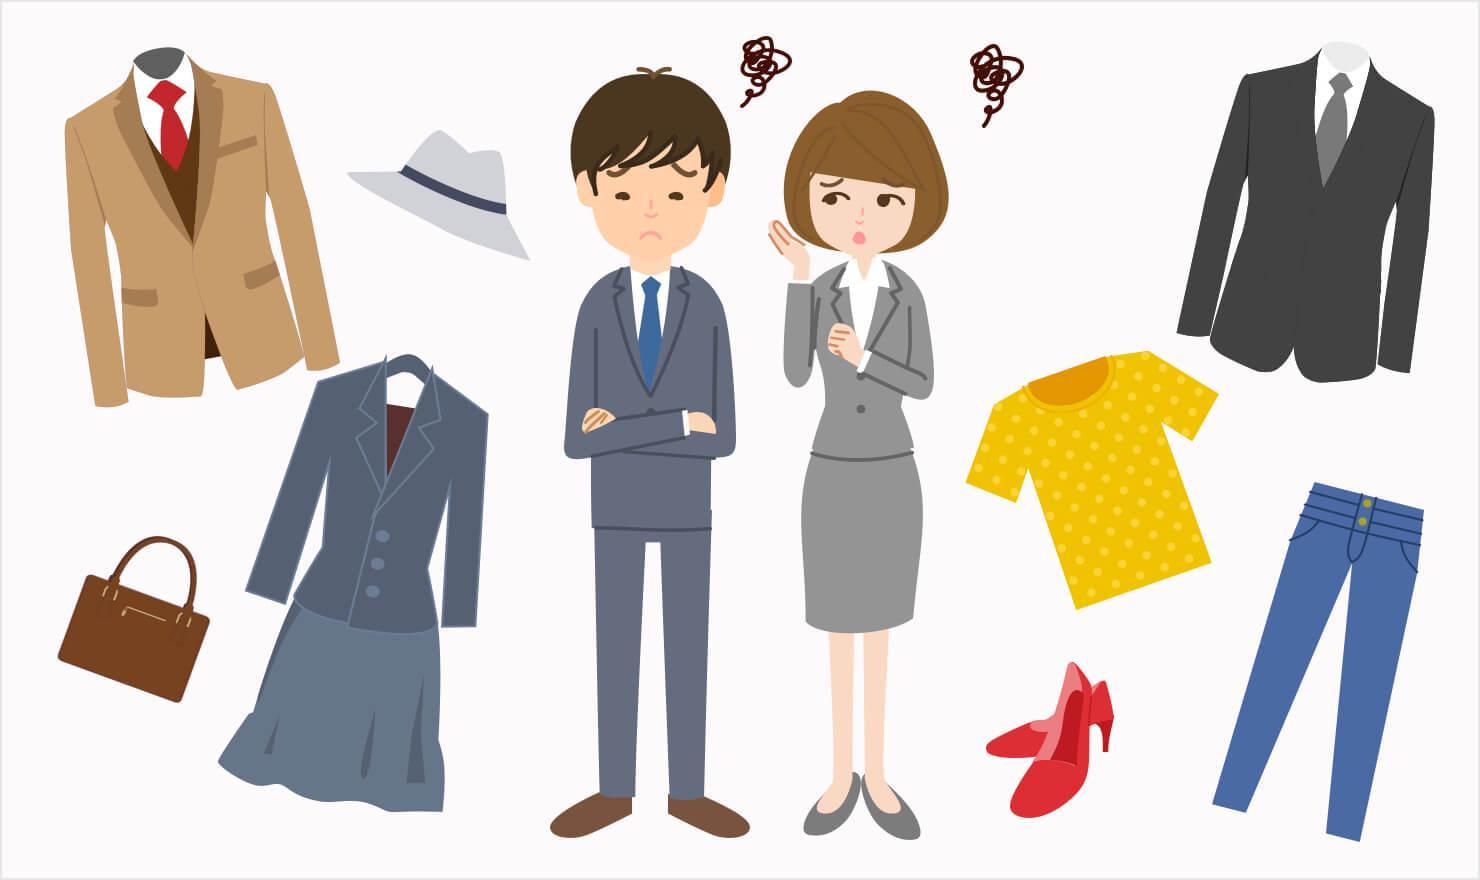 面接での服装にもう迷わない!印象UPのスーツ・私服の選び方 | JOBSHIL